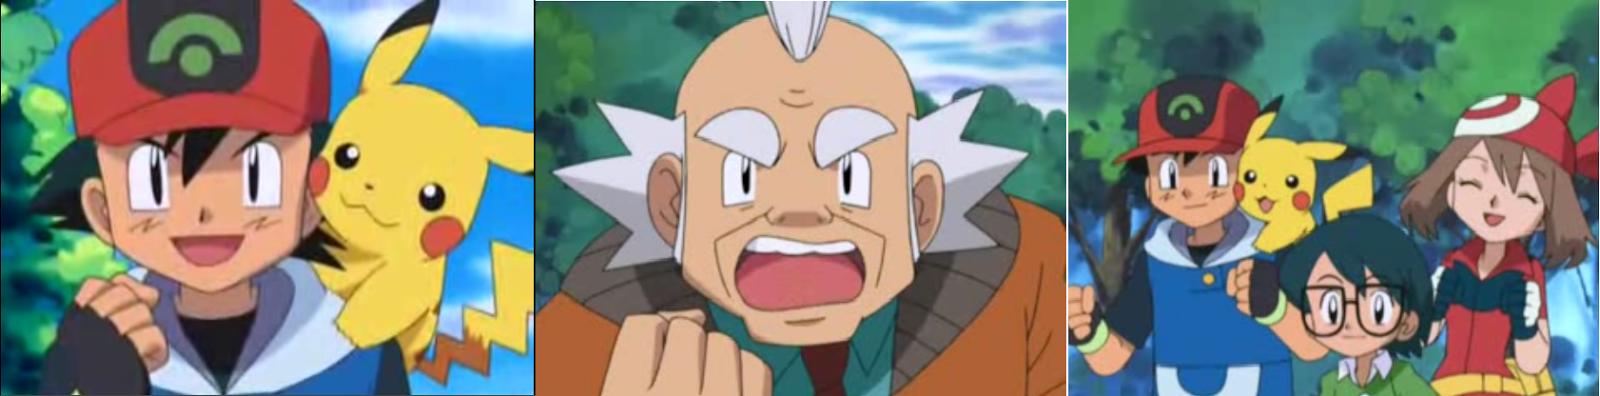 Pokemon Capitulo 25 Temporada 6 Una Misión Mudkip